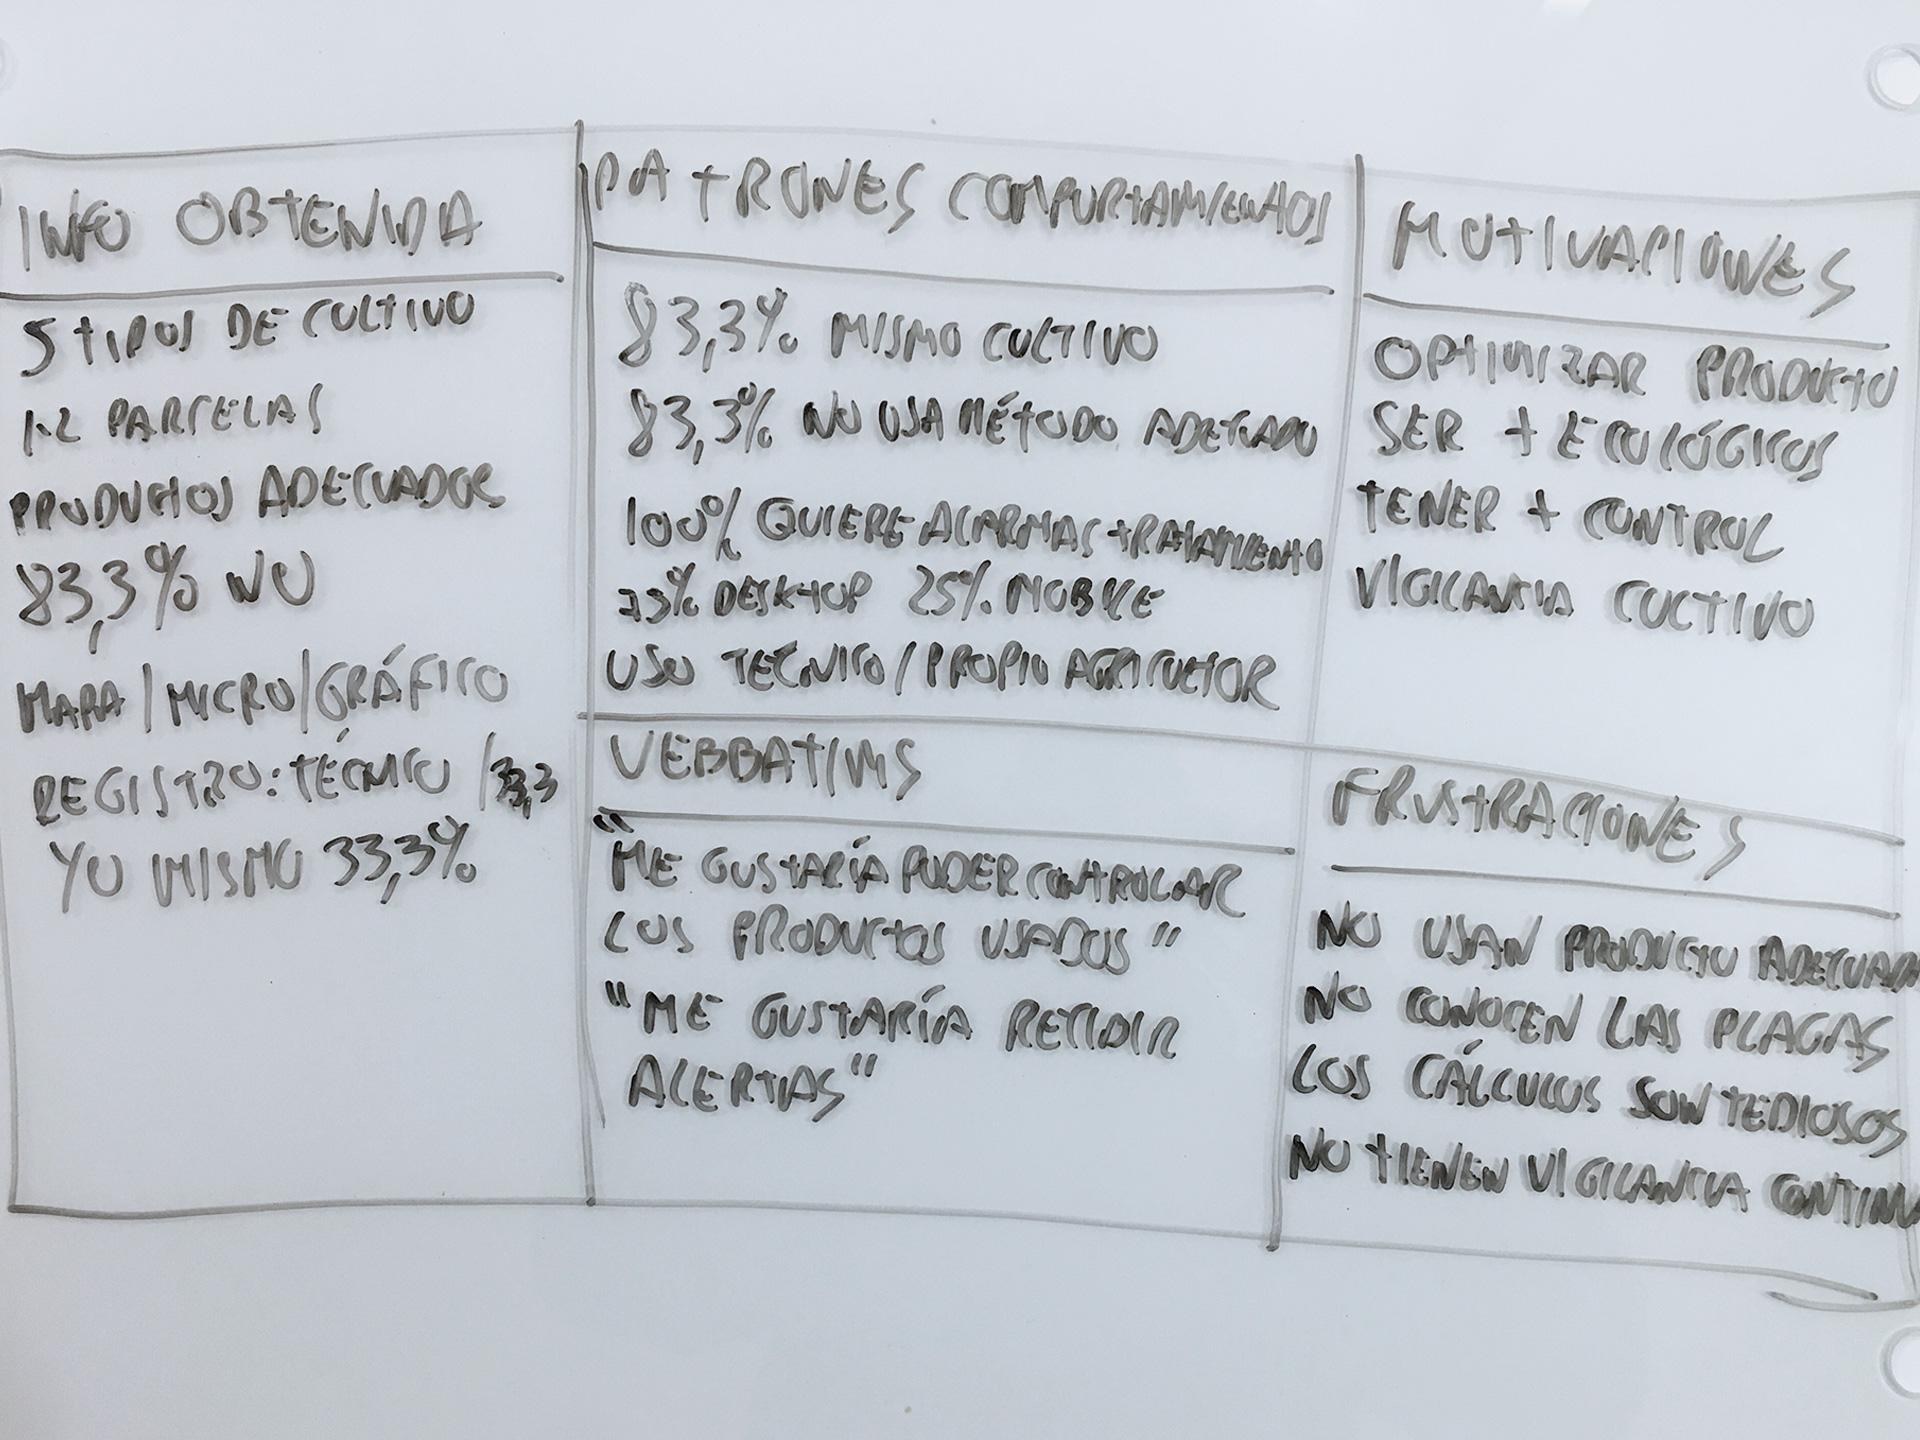 Síntesis de la información recogida en la investigación y diseño UX de VegAlert